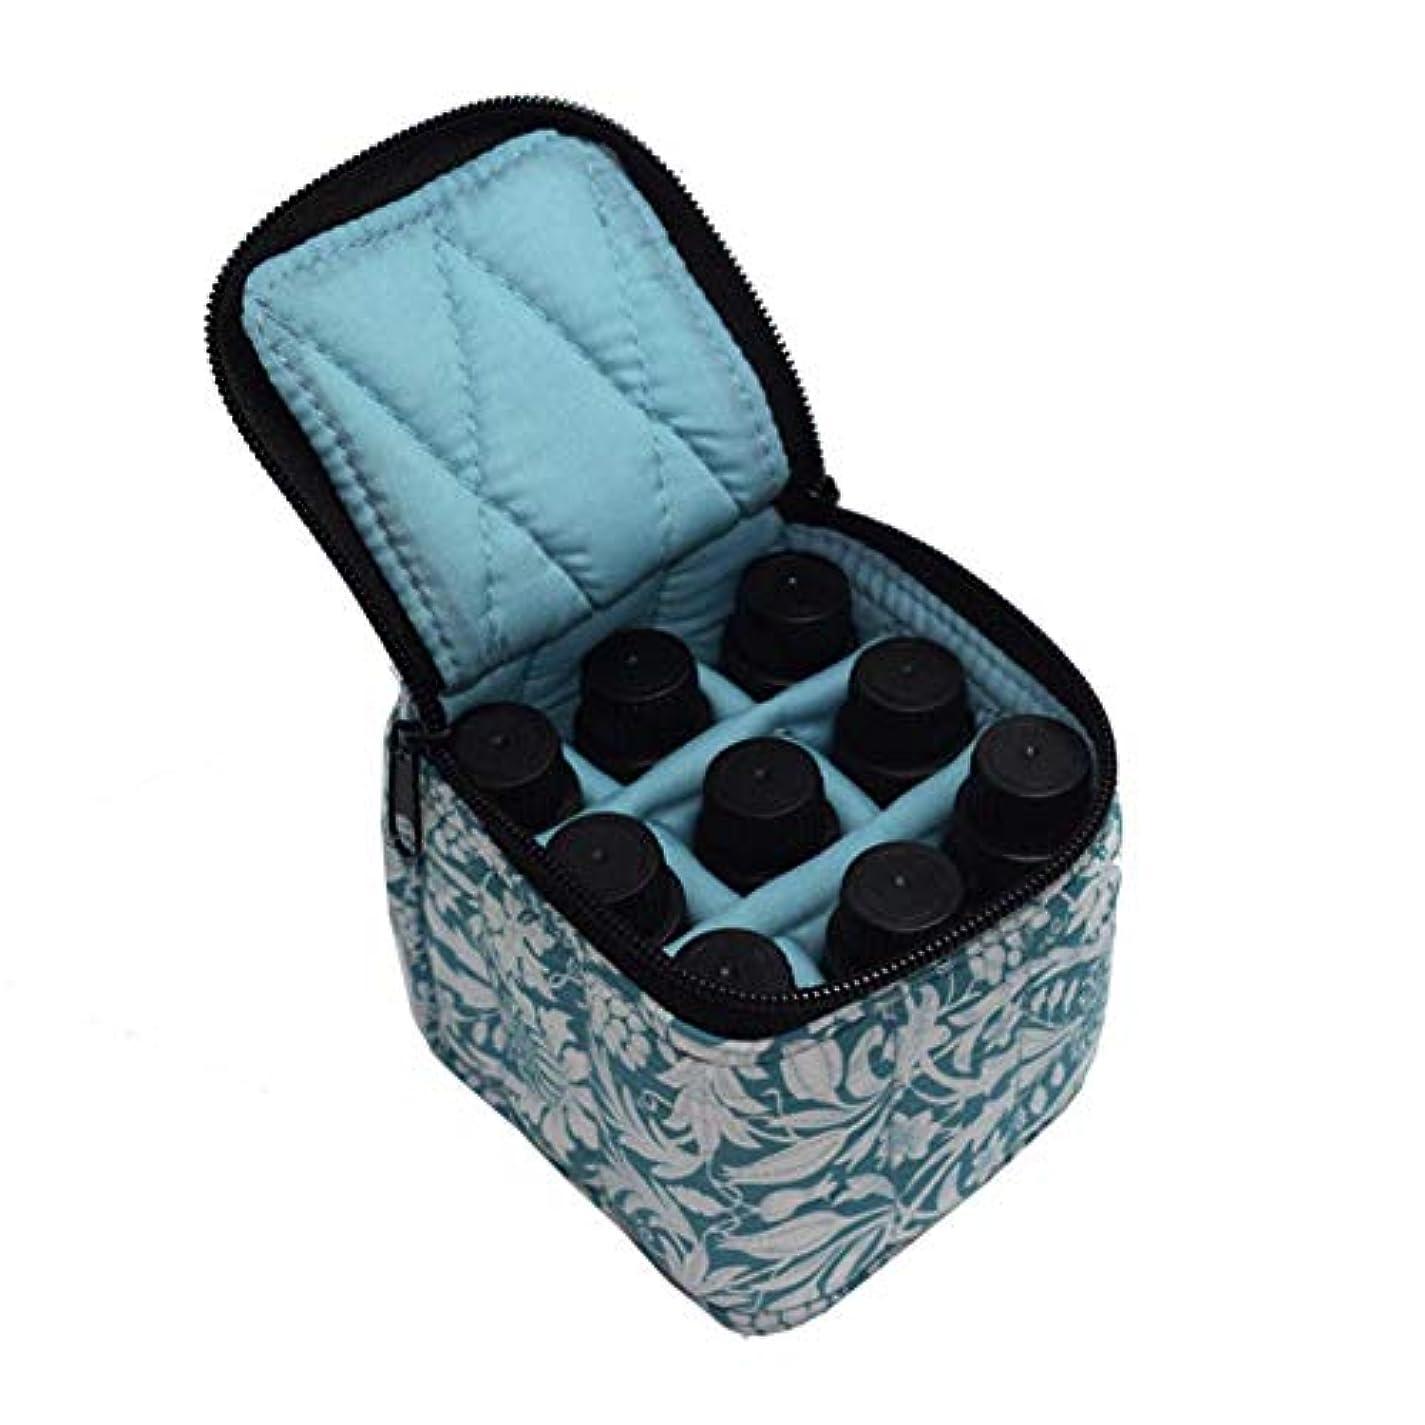 カテゴリー味付けまろやかなPursue エッセンシャルオイル収納ケース アロマオイル収納ボックス アロマポーチ収納ケース 耐震 携帯便利 香水収納ポーチ 化粧ポーチ 9本用